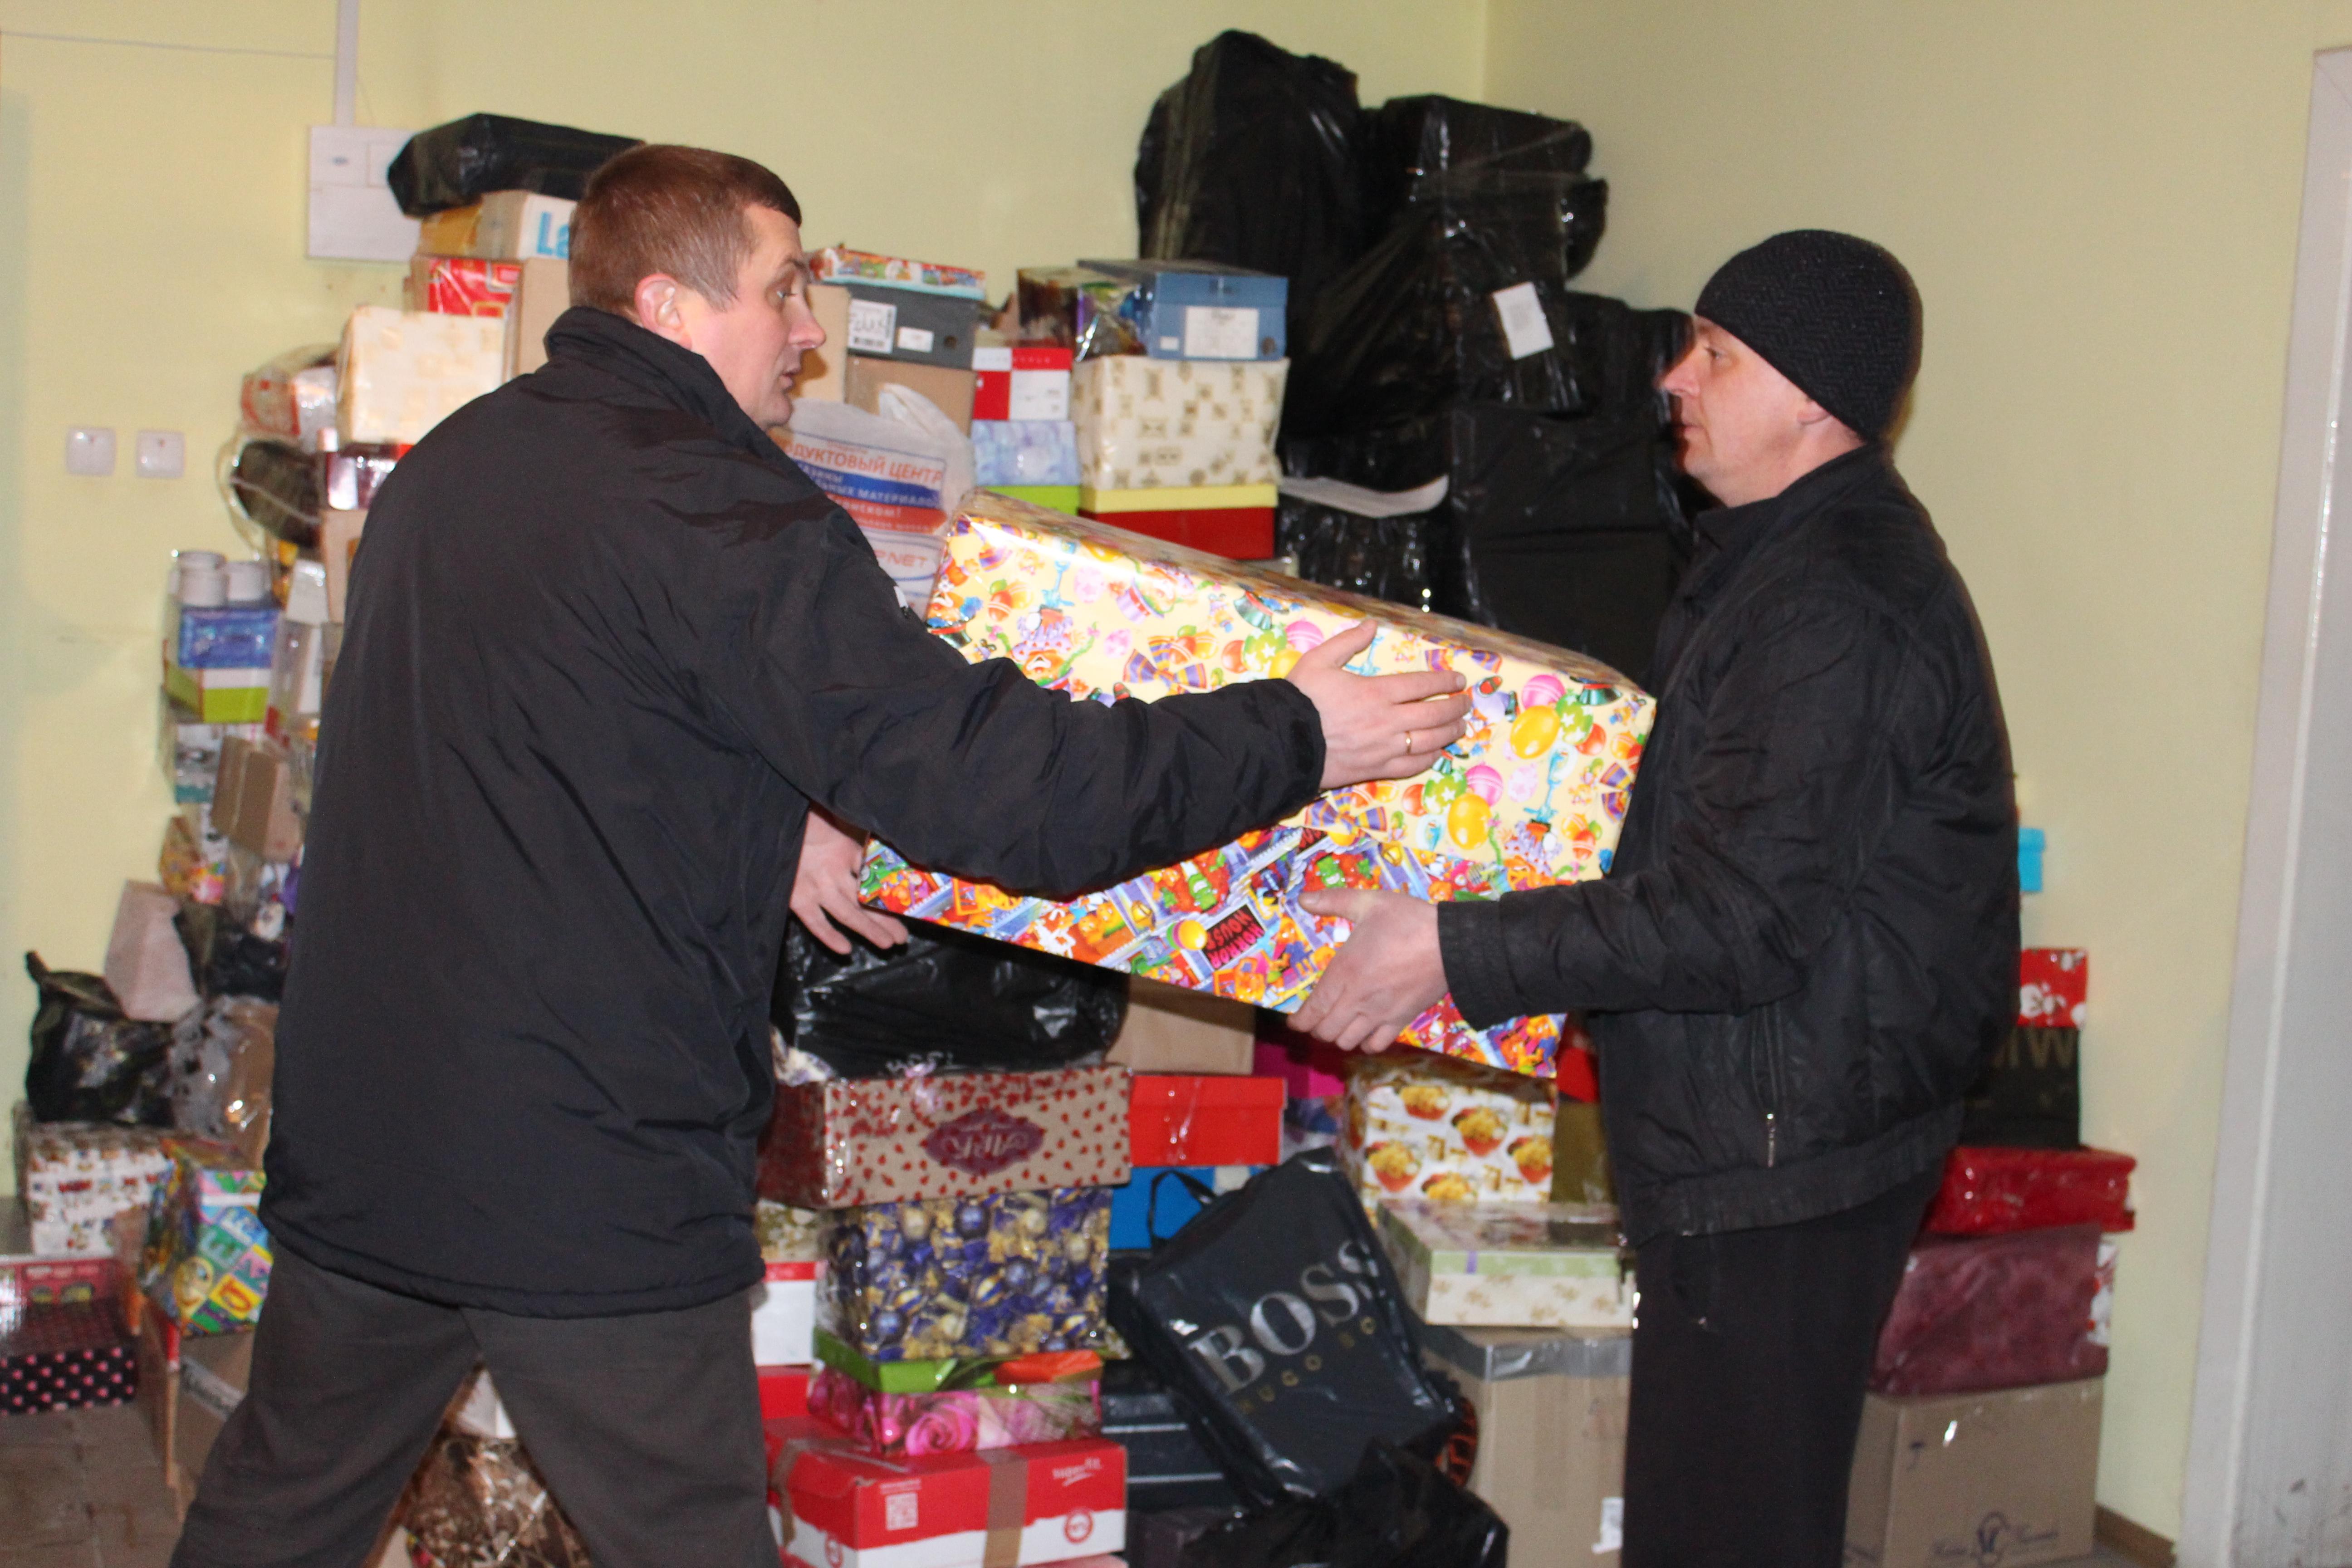 Із Тячівщини на Схід відправили 12 тонн подарунків для дітей та гуманітарної допомоги (ФОТО)